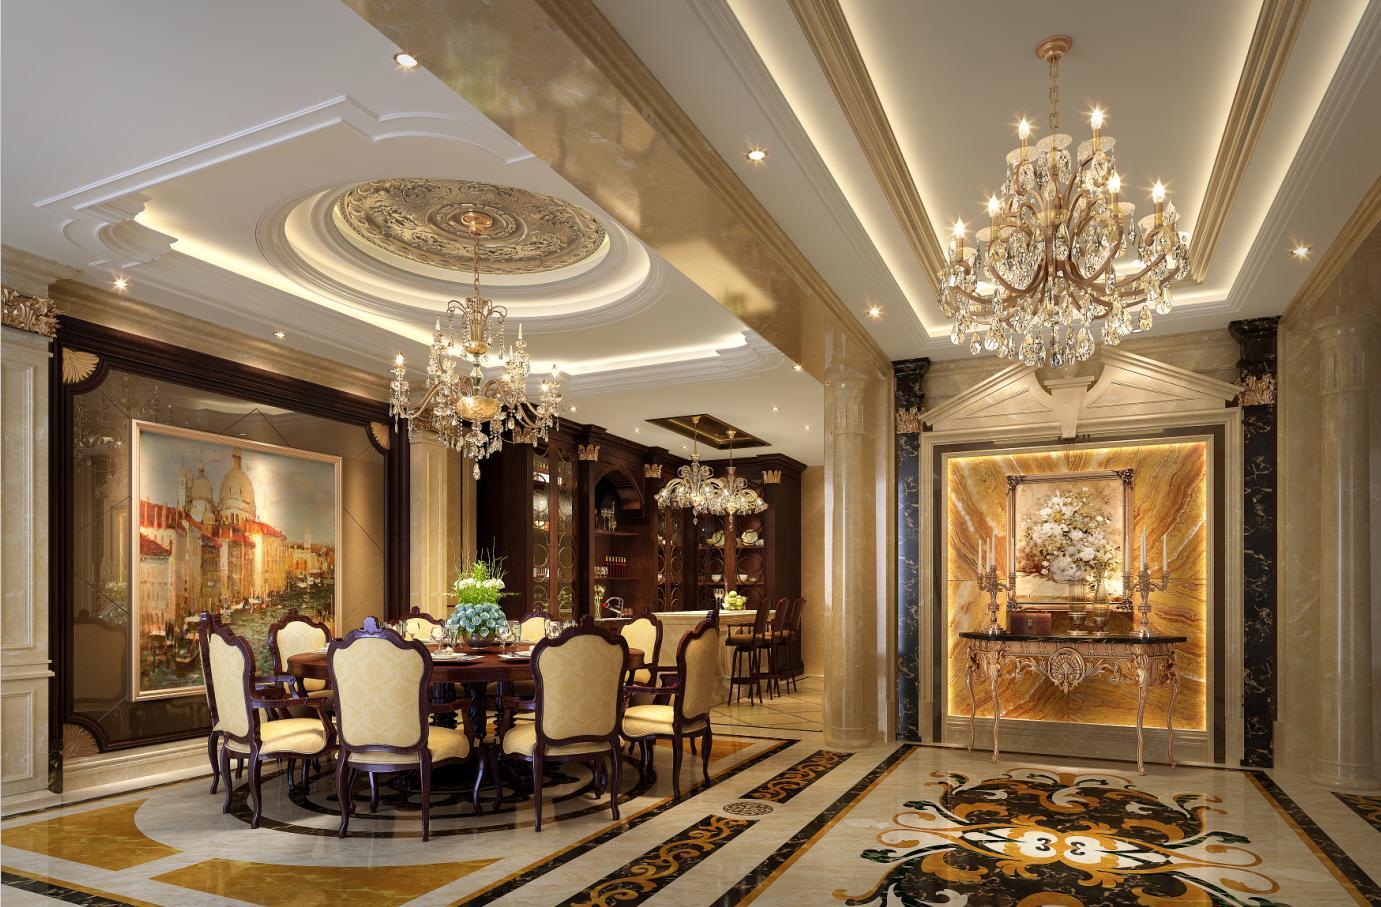 九龙仓兰宫别墅项目装修欧式古典风格设计,上海腾龙别墅设计师周峻图片